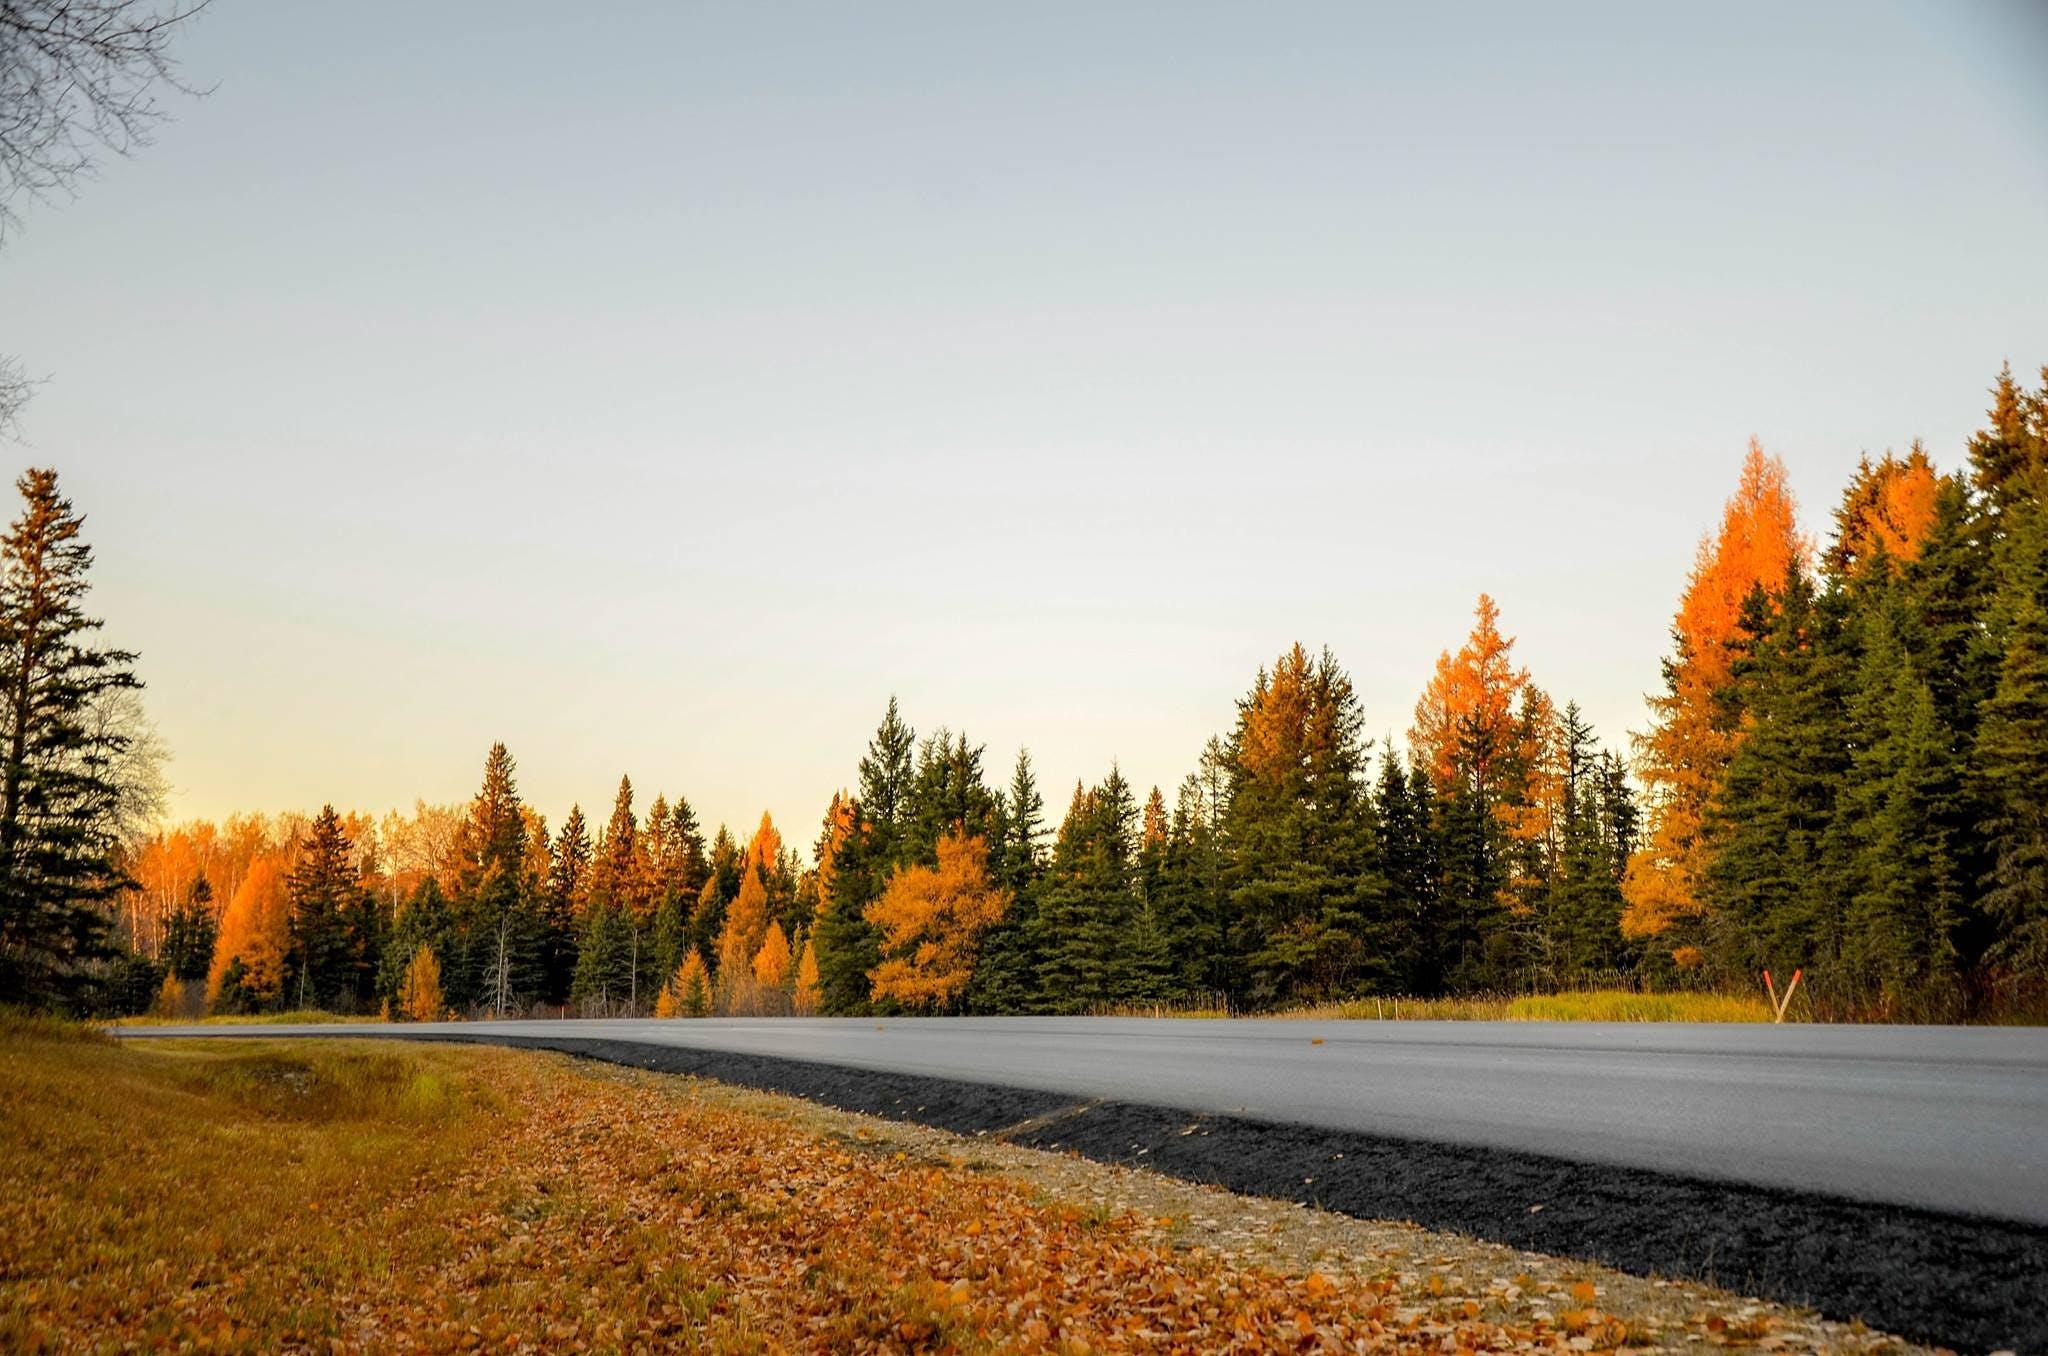 Kostenloses Stock Foto zu bäume, dämmerung, draußen, gras